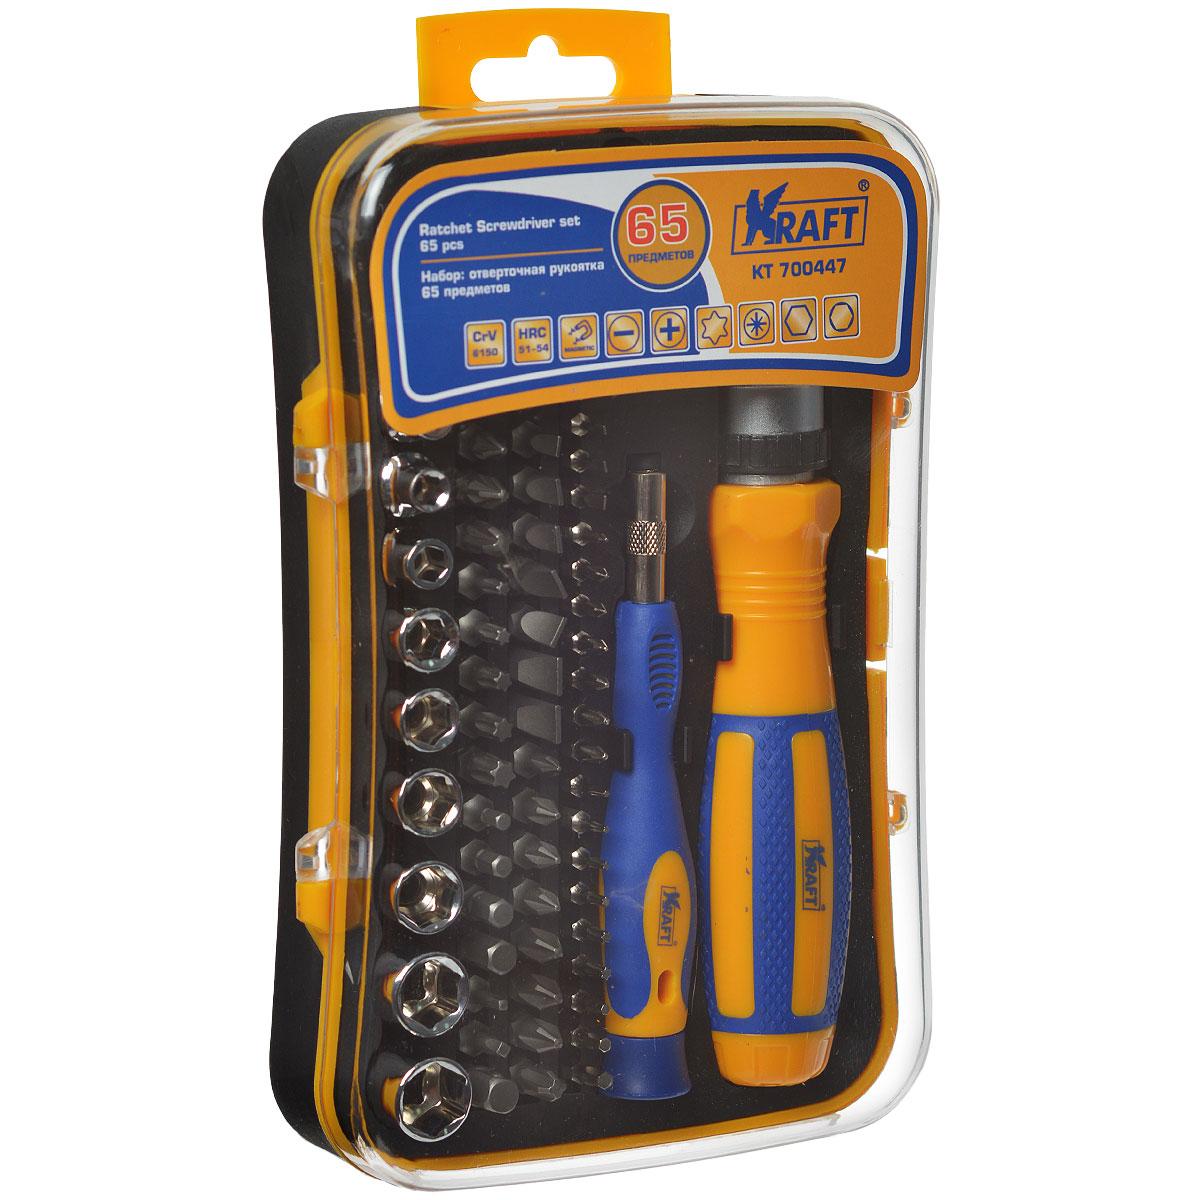 Набор инструментов Kraft Professional, 65 предметов98298130Набор инструментов Kraft Professional предназначен для обслуживания резьбовых соединений в широком диапазоне размеров. Все инструменты в наборе выполнены из высококачественной хромованадиевой стали. Твердость по Роквеллу составляет 51-54 HRc.В комплекте пластиковый футляр для хранения.Состав набора:Рукоятка реверсивная.Биты шлицевые: 3 мм, 4 мм, 2 х 5 мм, 2 х 6 мм, 2 х 7 мм.Биты Philips: PH0, 3 x PH1, 3 x PH2, PH3.Биты Pozidriv: PZ0, PZ1, PZ2, PZ3.Биты Torx: T10, T15, T20, T25, T30.Биты Hex: H3, H4, H5, H6.Биты четырехгранные: S0, S1.Переходник: 25 мм.Биты для точных работ шлицевые: 1 мм, 1,5 мм, 2 мм, 2,5 мм.Биты для точных работ Philips: PH000, 2 x PH00, 2 x PH0, 2 x PH1.Биты для точных работ Torx: T4, T5, T6, T7, T8, T9.Биты для точных работ Hex: H2, H2,5, H3.Торцевые головки 1/4: 4 мм, 5 мм, 6 мм, 7 мм, 8 мм, 9 мм, 10 мм, 11 мм, 12 мм.Держатель намагниченный для точных работ.Драйвер для бит.